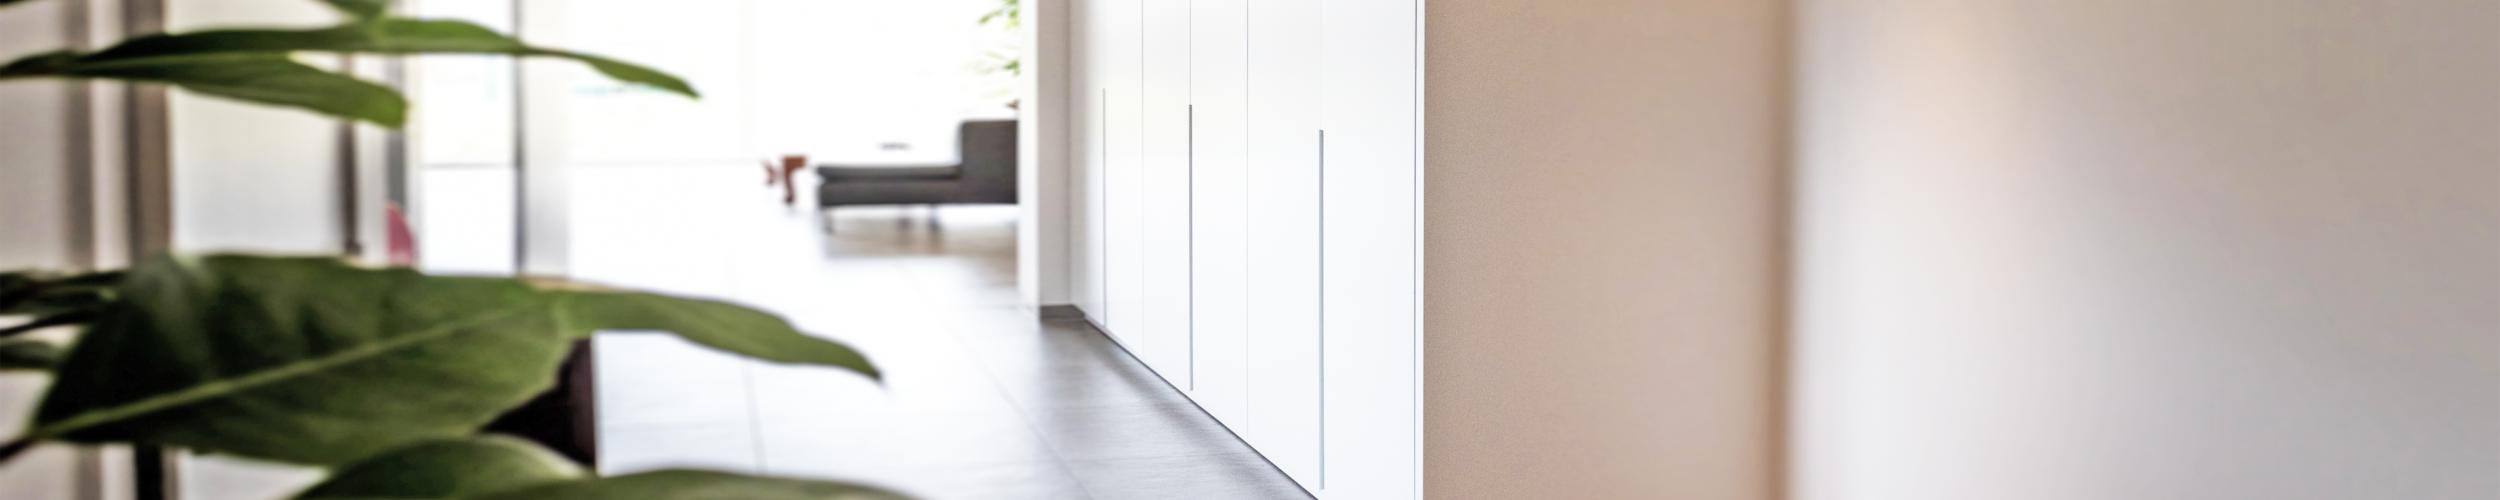 Straal met afgewerkt timmerwerk en maatwerk zowel binnen in je huis als buiten door Timmerwerk en maatwerk Stefaan Desmet